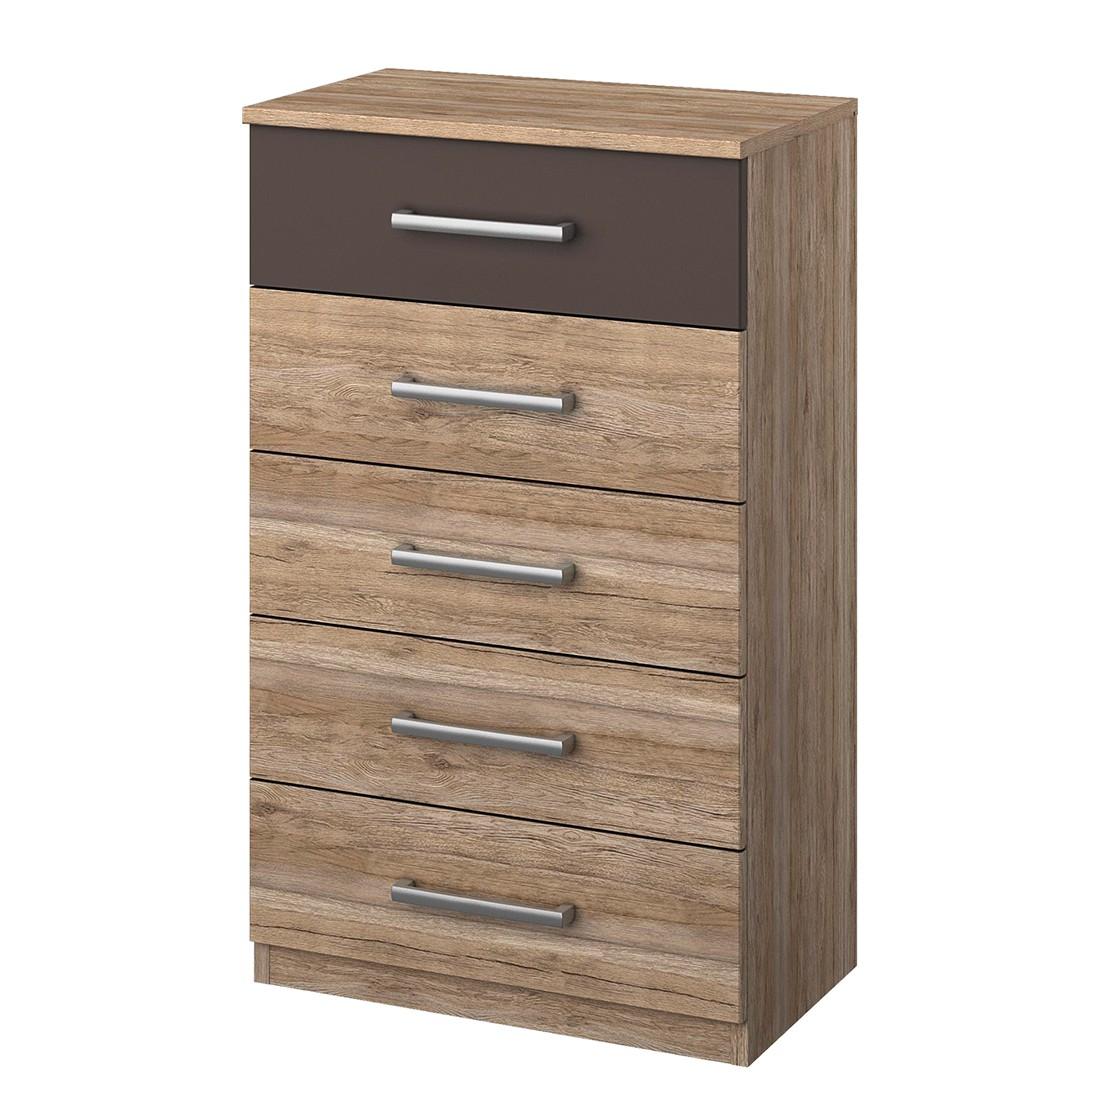 Commode à tiroirs Barelona I - Chêne de San Remo / Gris lave, Rauch Packs